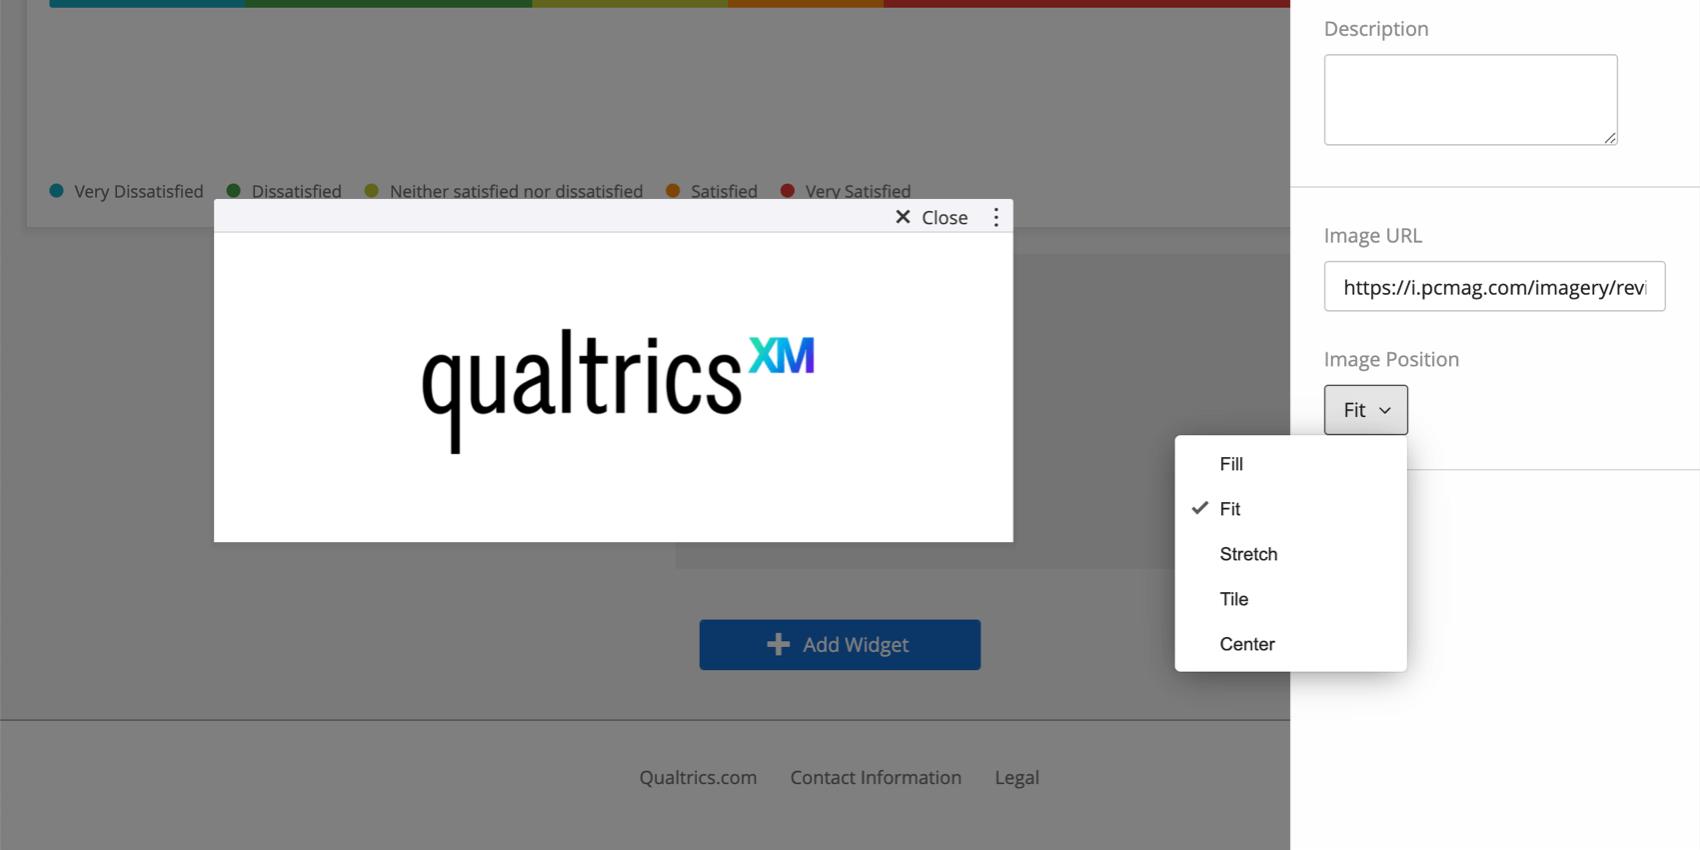 Bild-URL im rechten Bearbeitungsbereich